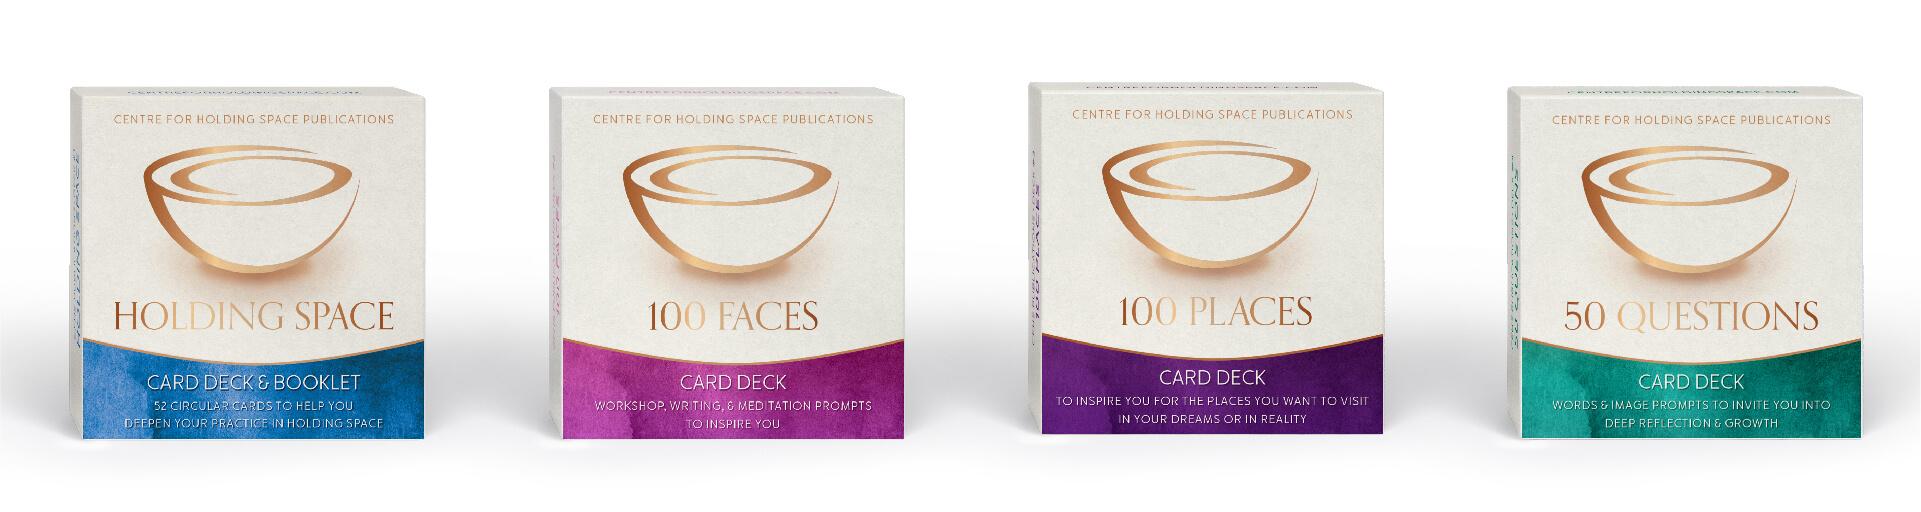 CFHS Card Decks__All Four_3D_R1_Lg (1)